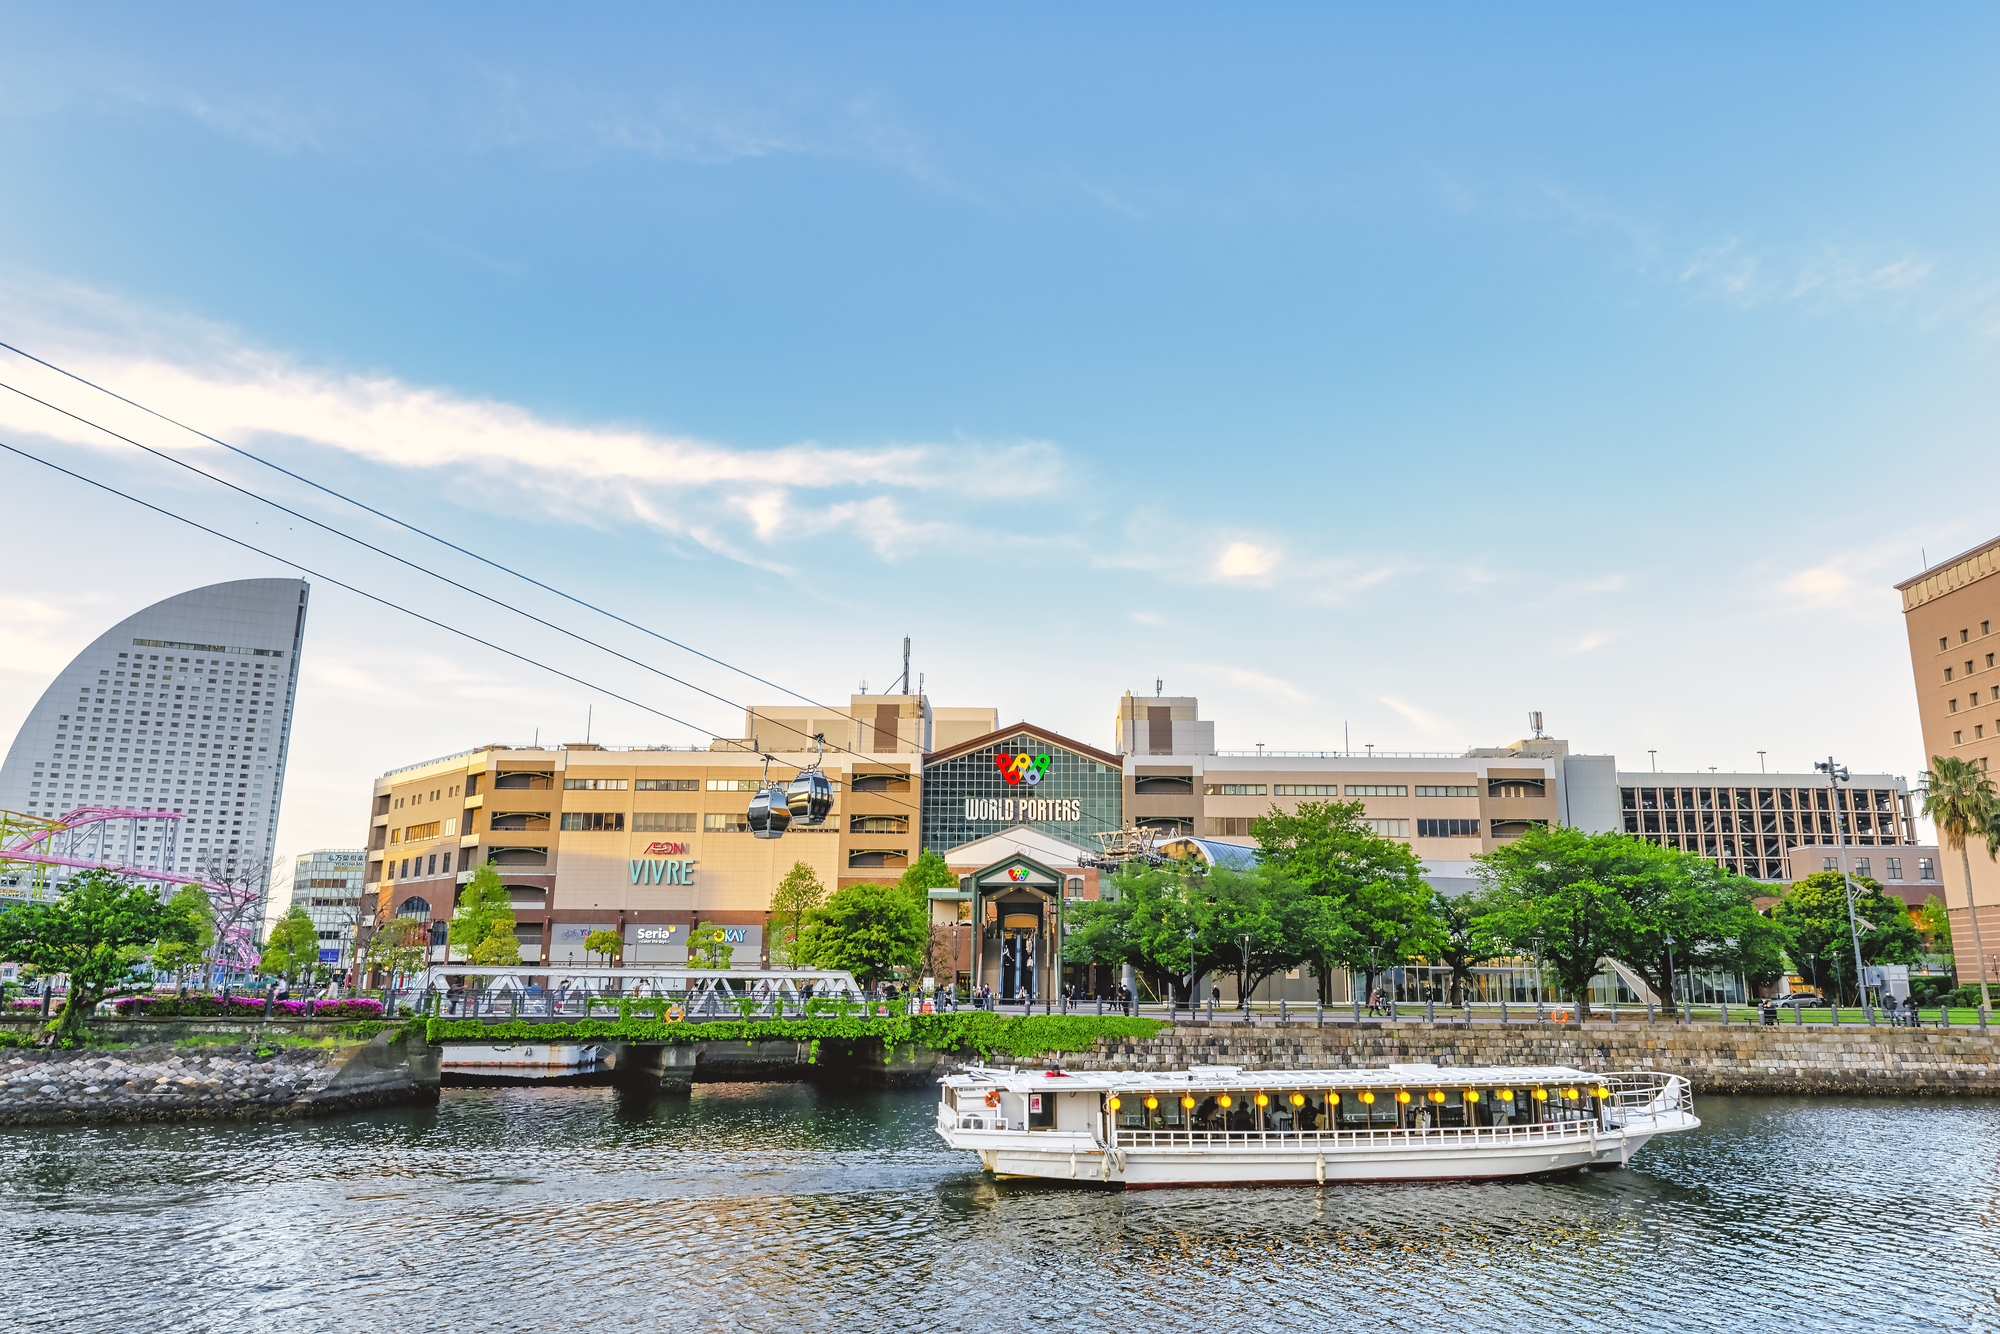 横浜の風景と屋形船